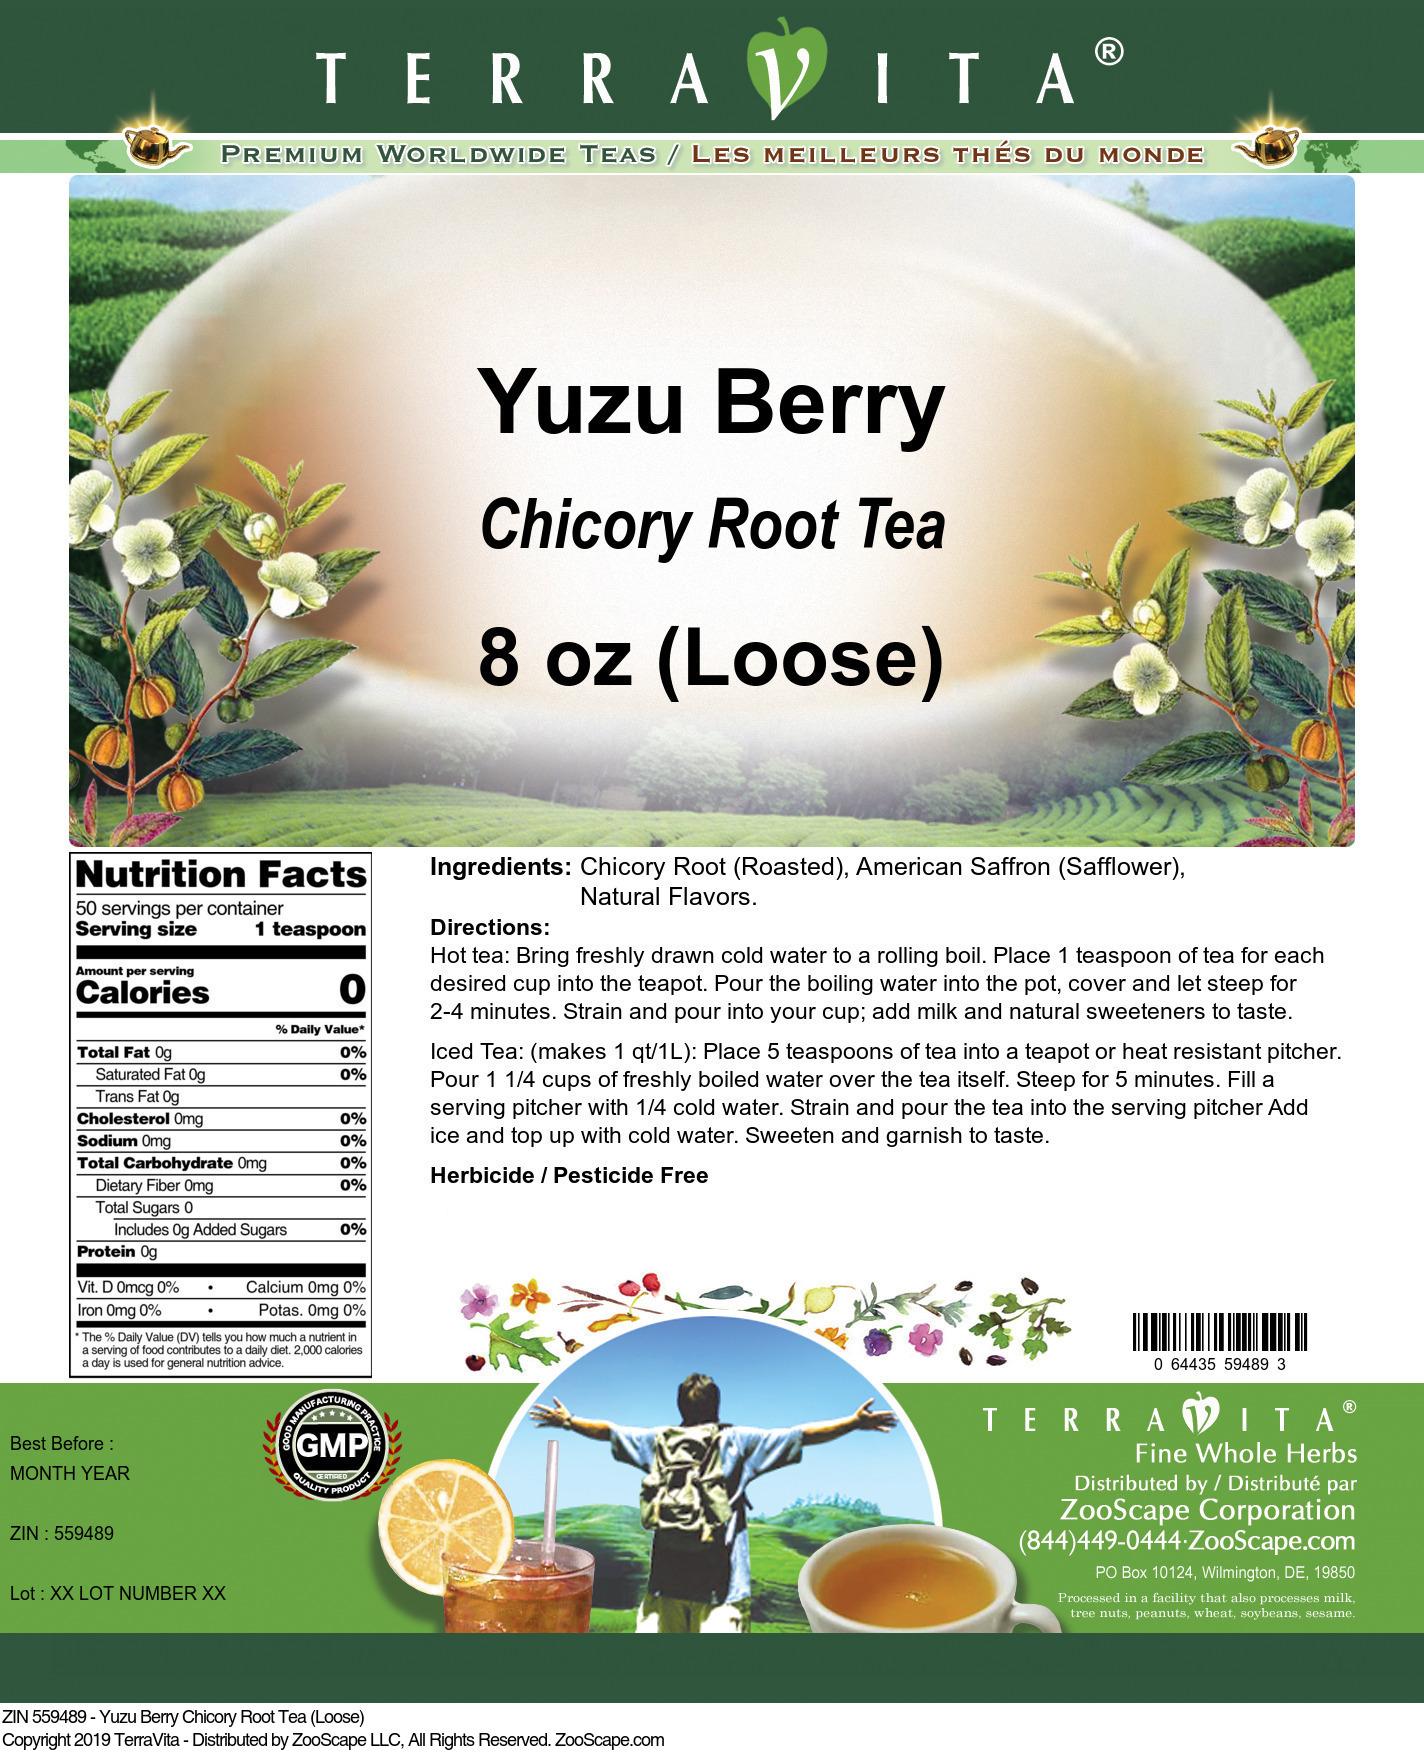 Yuzu Berry Chicory Root